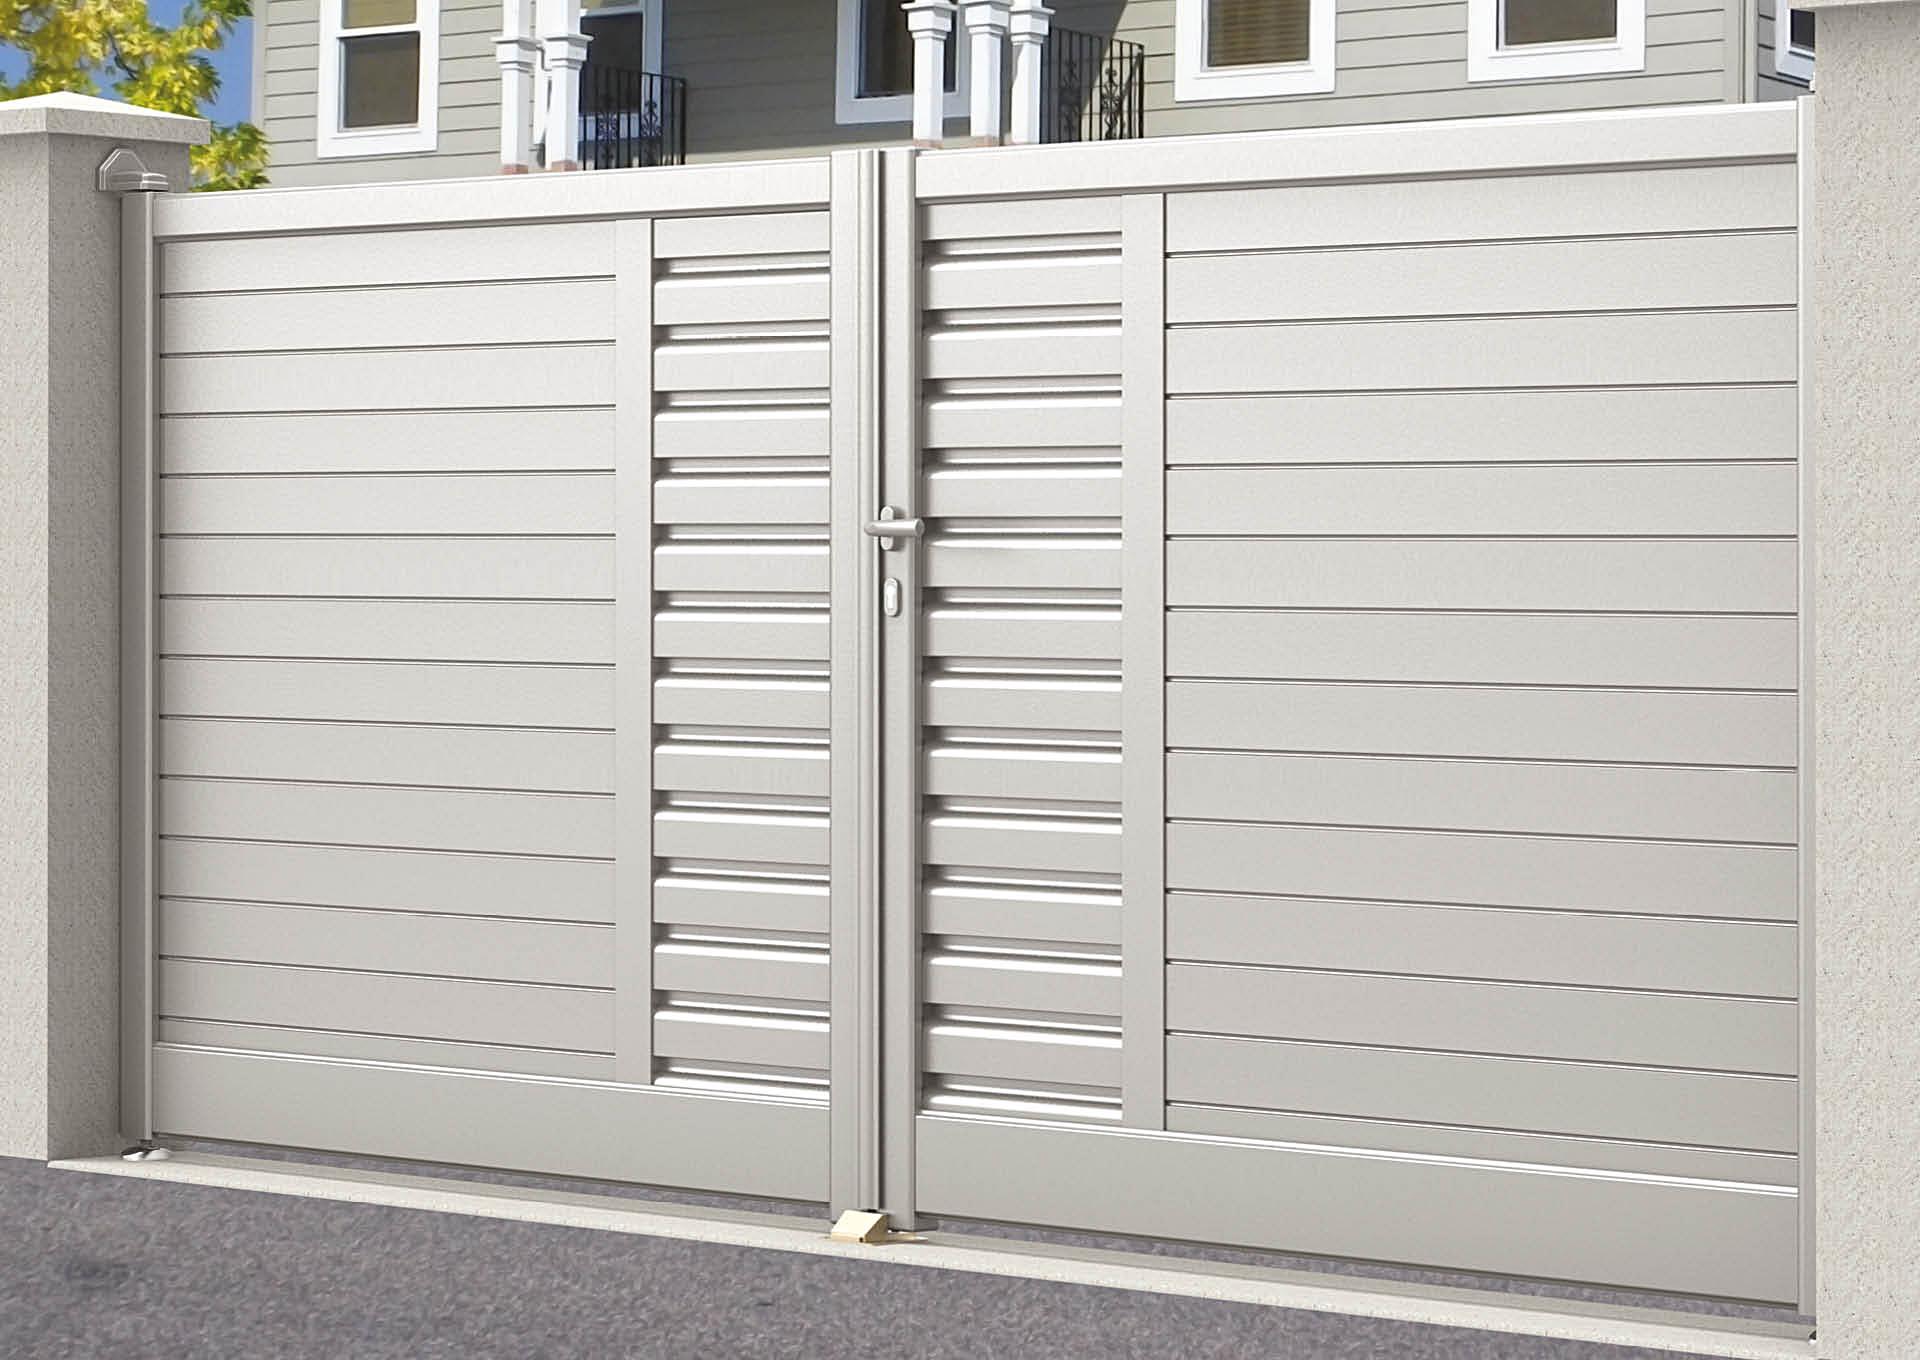 Portail battant en aluminium 9031_B_PHZH Lames horizontales 100mm + décor lames vent